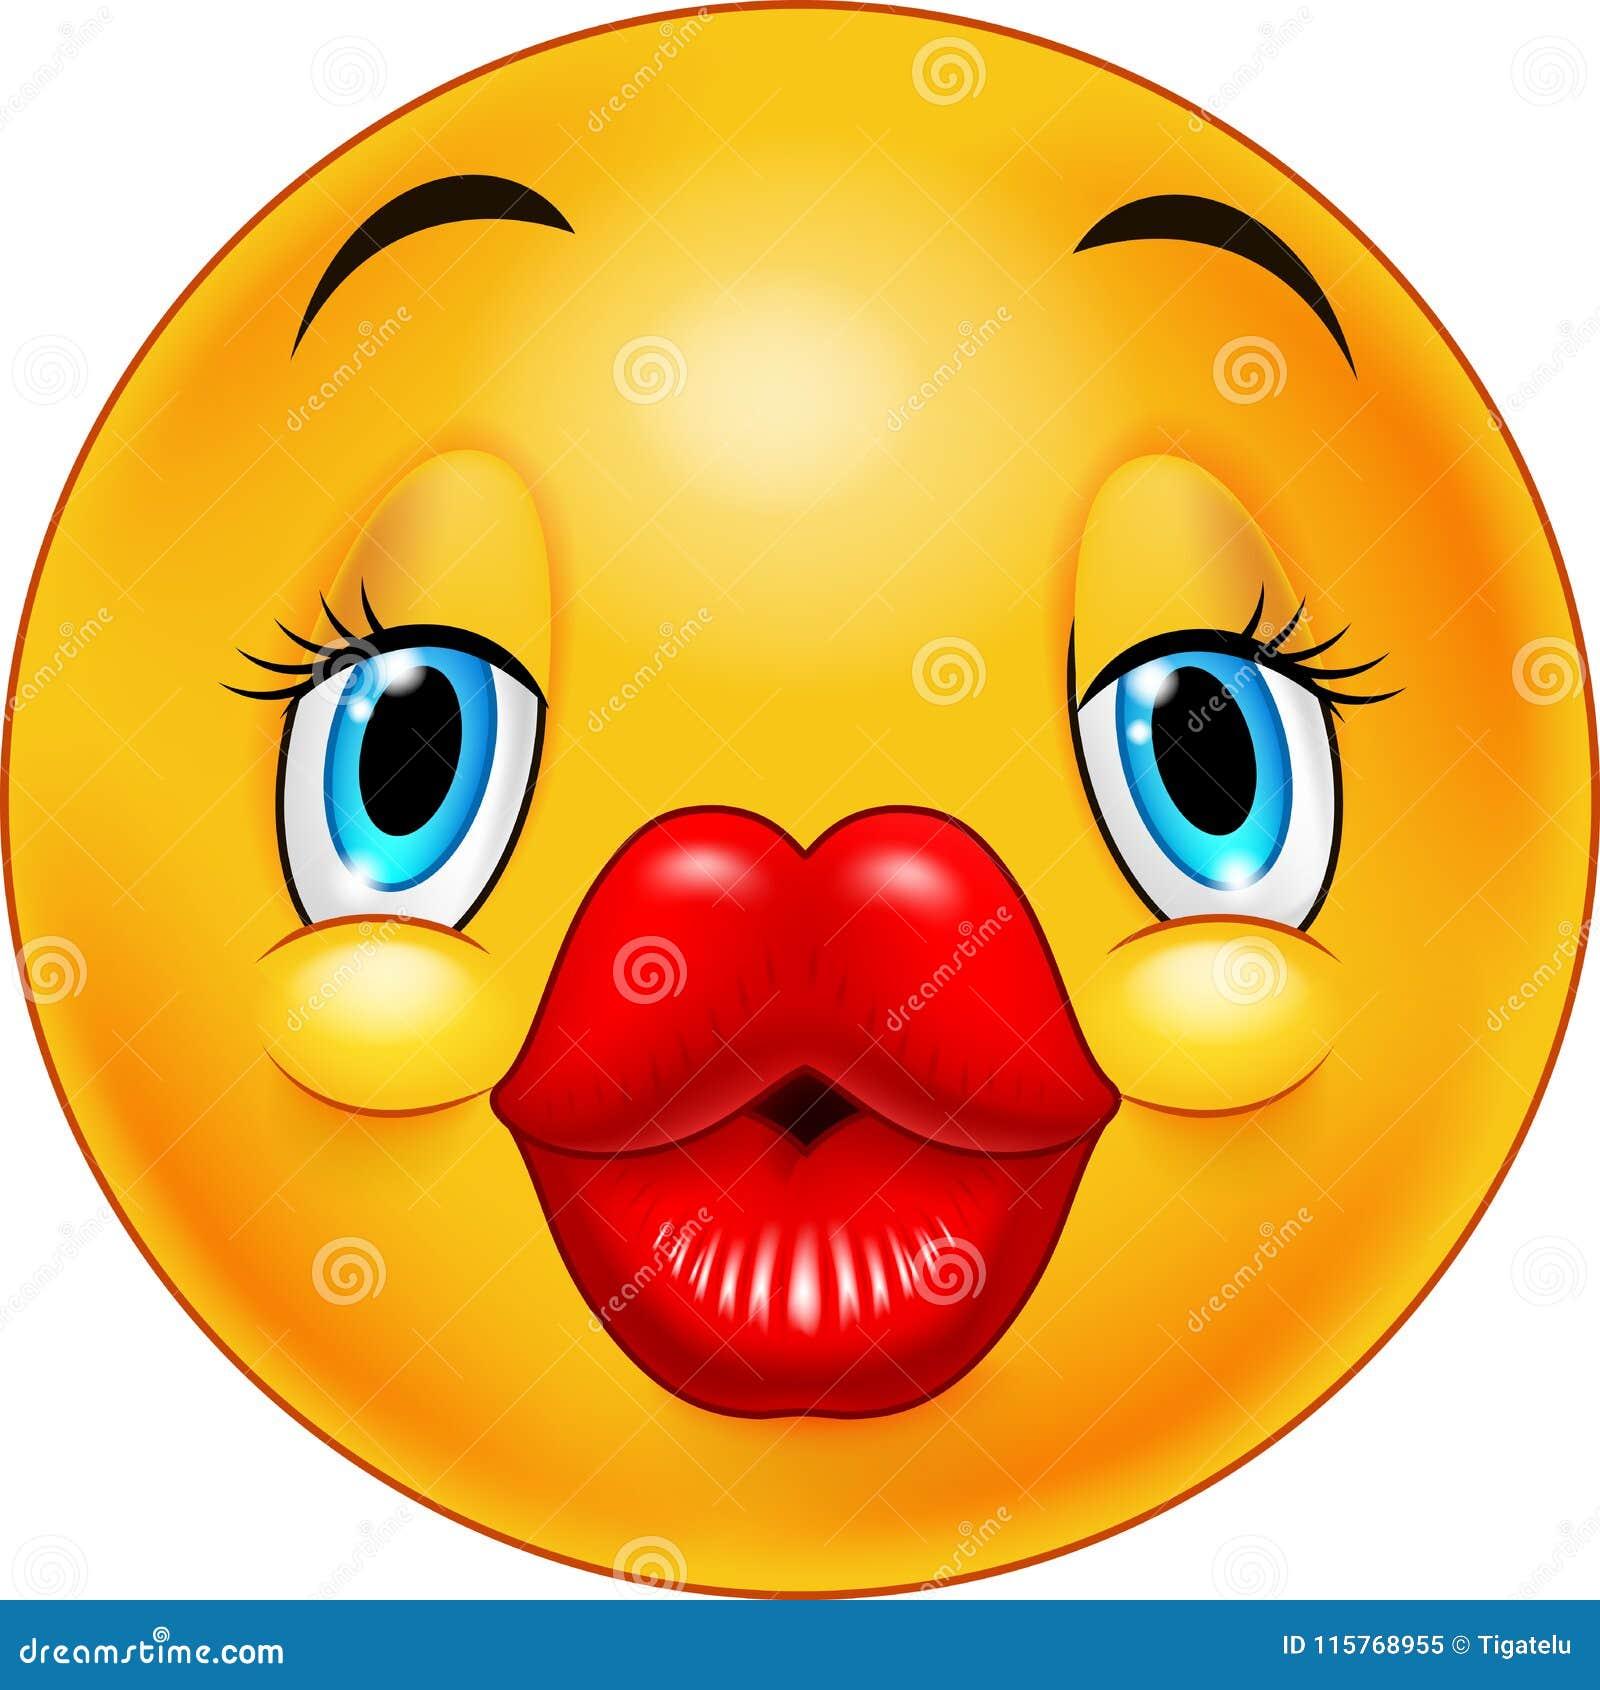 Netter küssender Emoticon vektor abbildung. Illustration